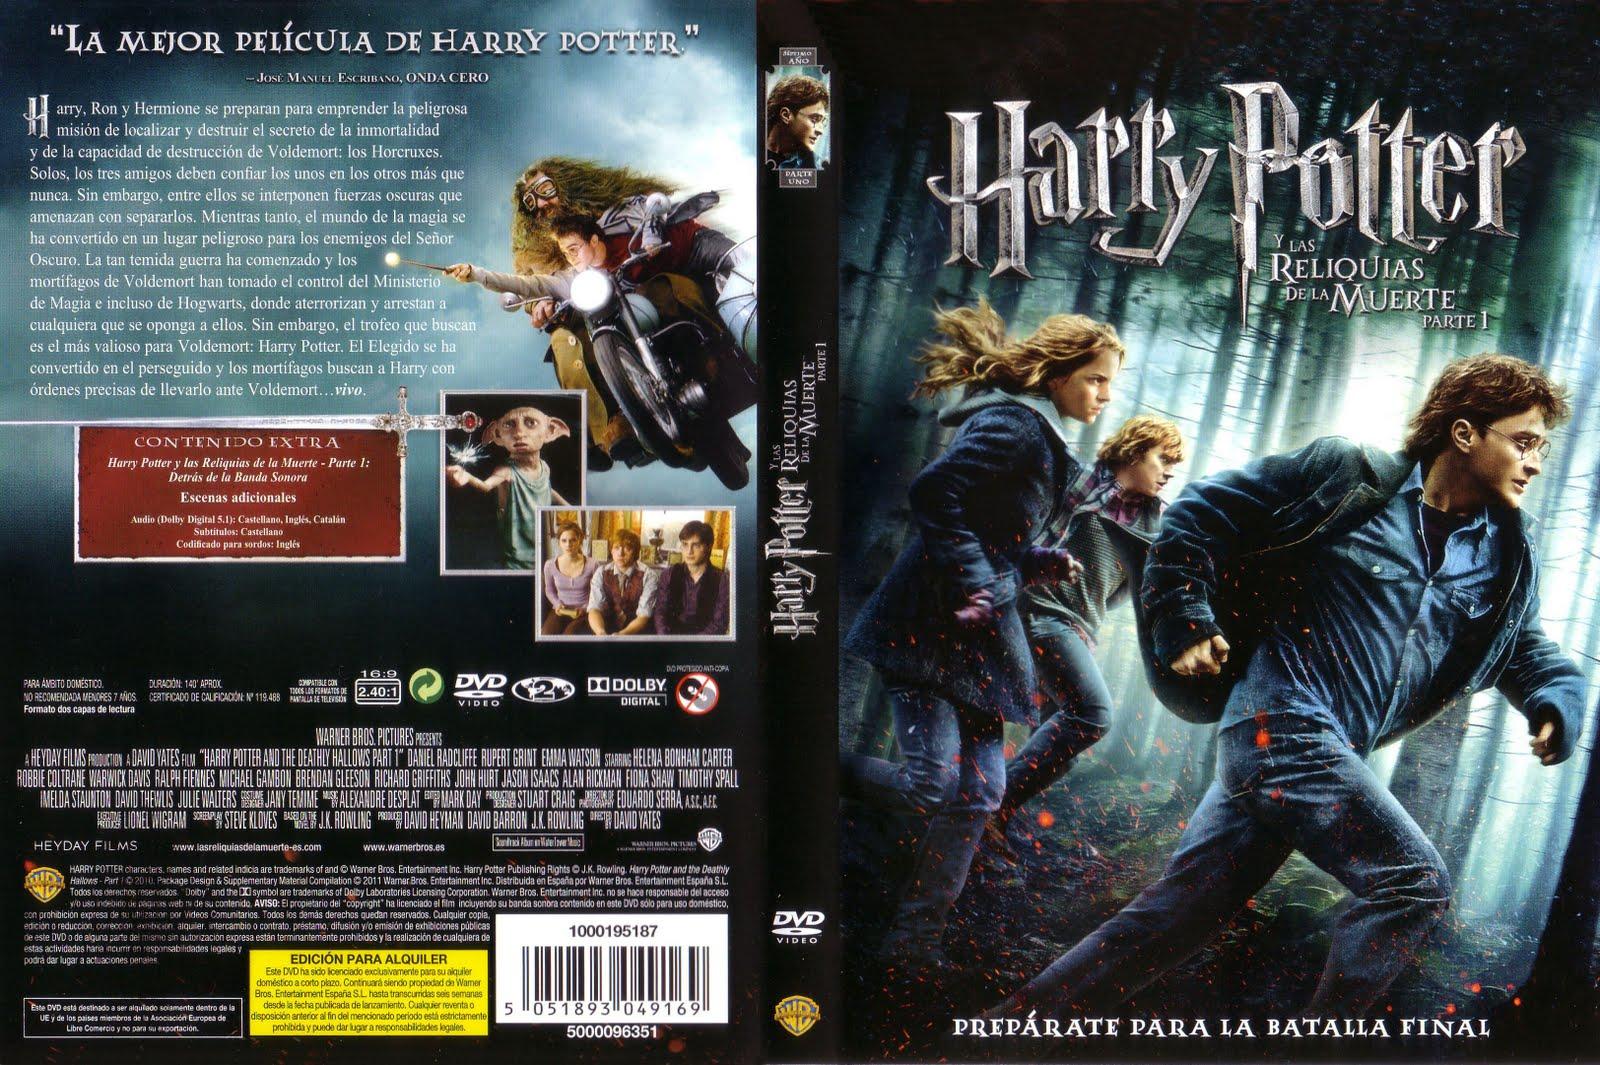 http://4.bp.blogspot.com/-y87Idk_3jGU/TcsN7PB2hZI/AAAAAAAAAl0/l1x-8EBAwEk/s1600/Harry_Potter_Y_Las_Reliquias_De_La_Muerte__-_Parte_1_-_Alquiler_por_eltamba_%255Bdvd%255D_80.jpg